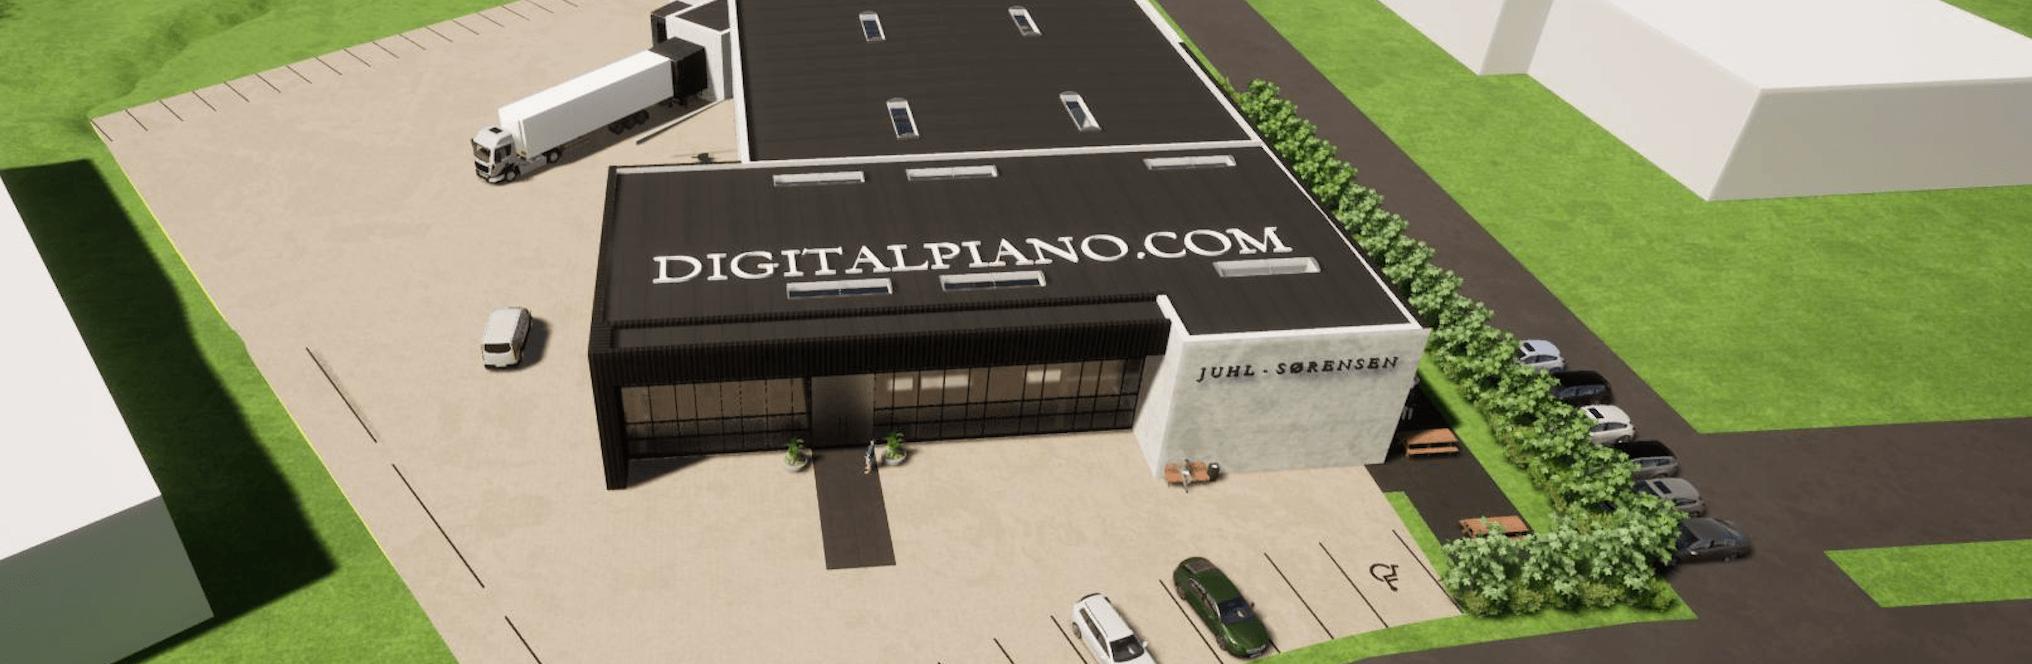 Neues Domicil für Digitalpiano.com